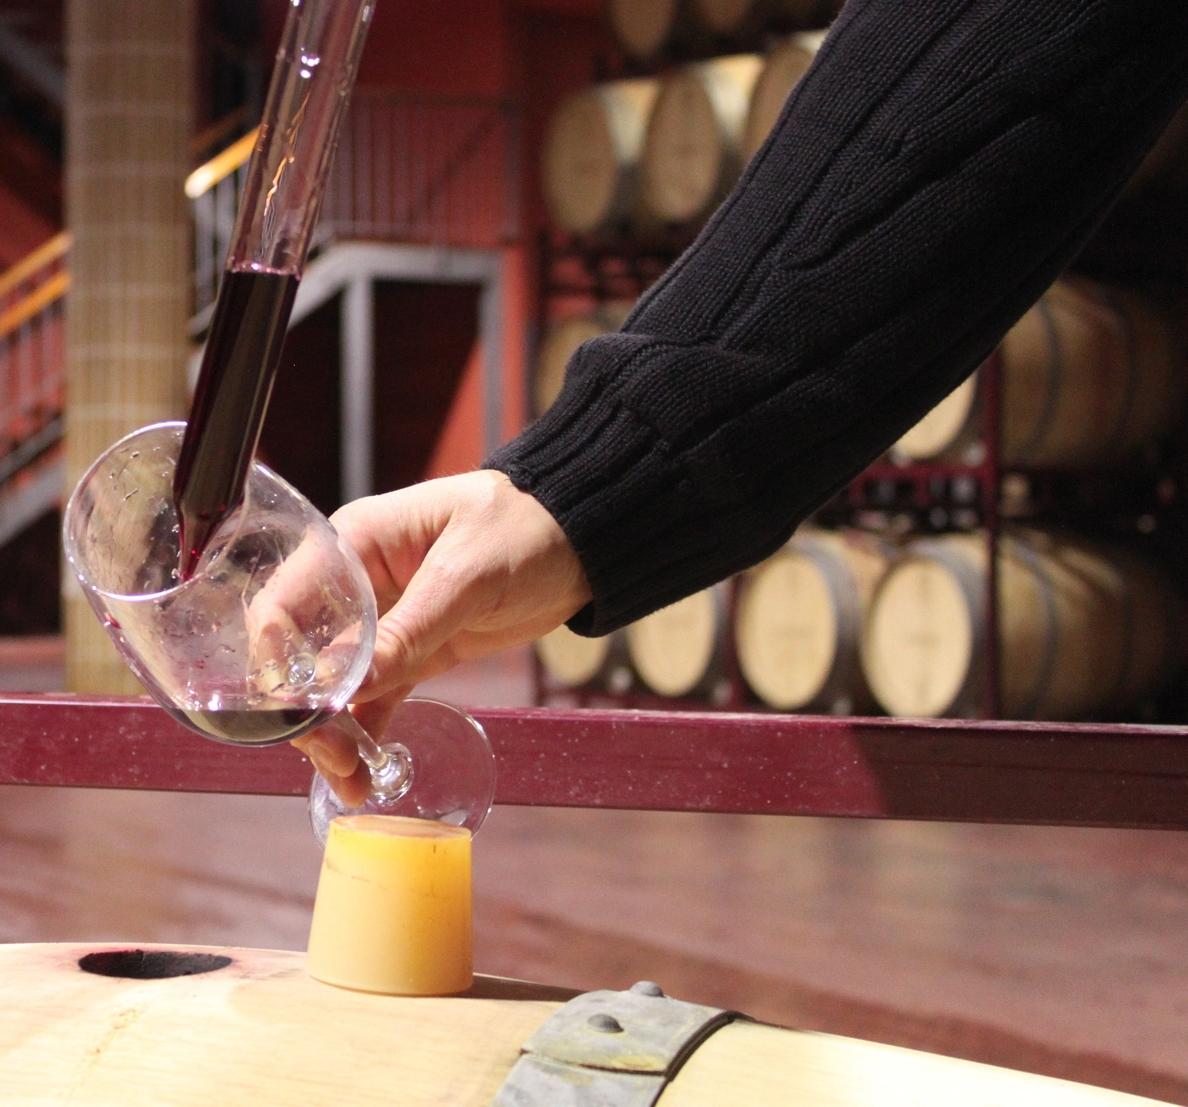 Las exportaciones españolas de vino crecen en volumen un 15,8% en los dos primeros meses del año